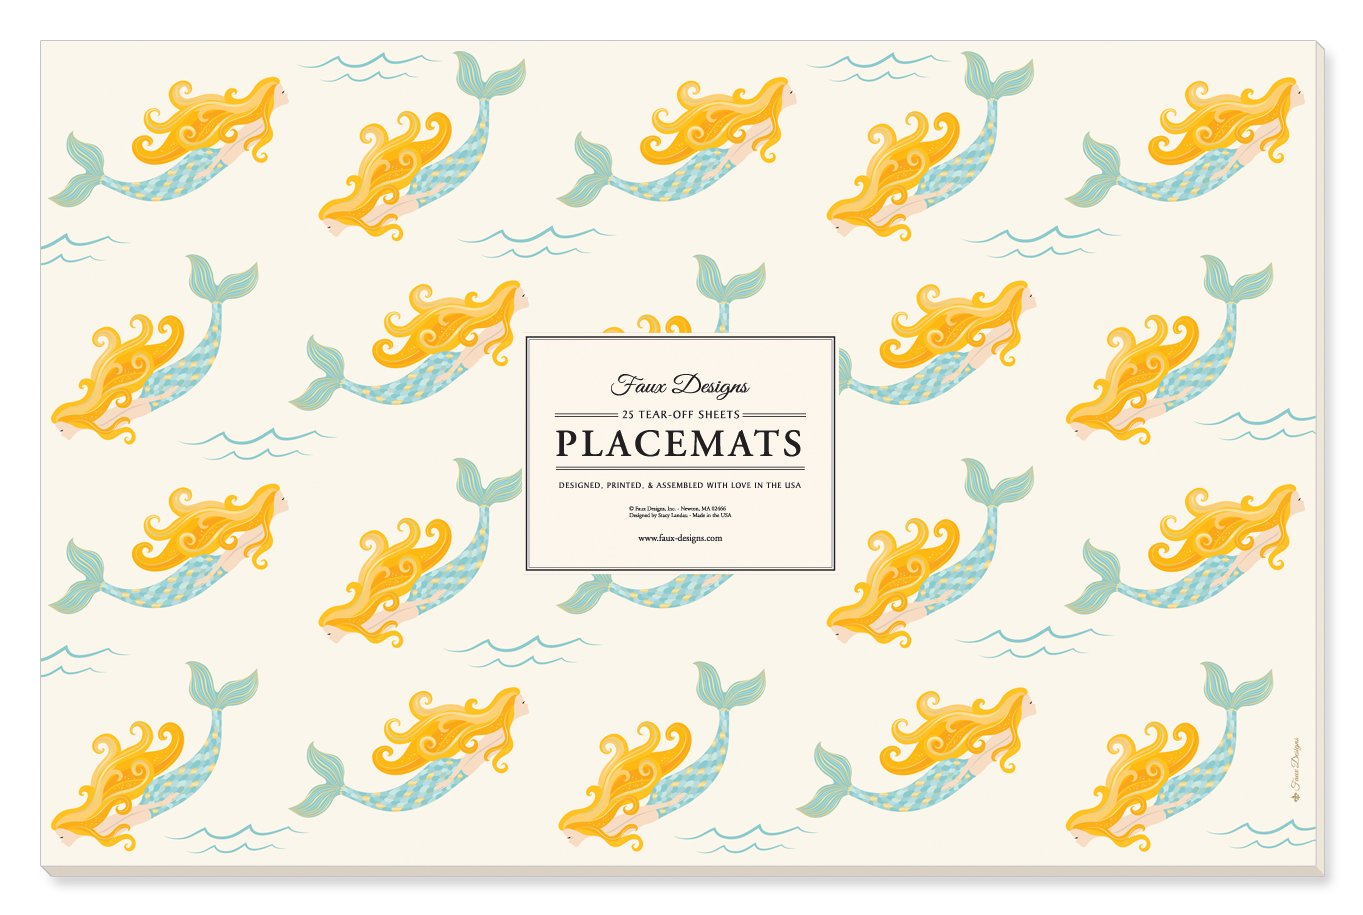 Faux Designs Paper Placemats - Mermaid